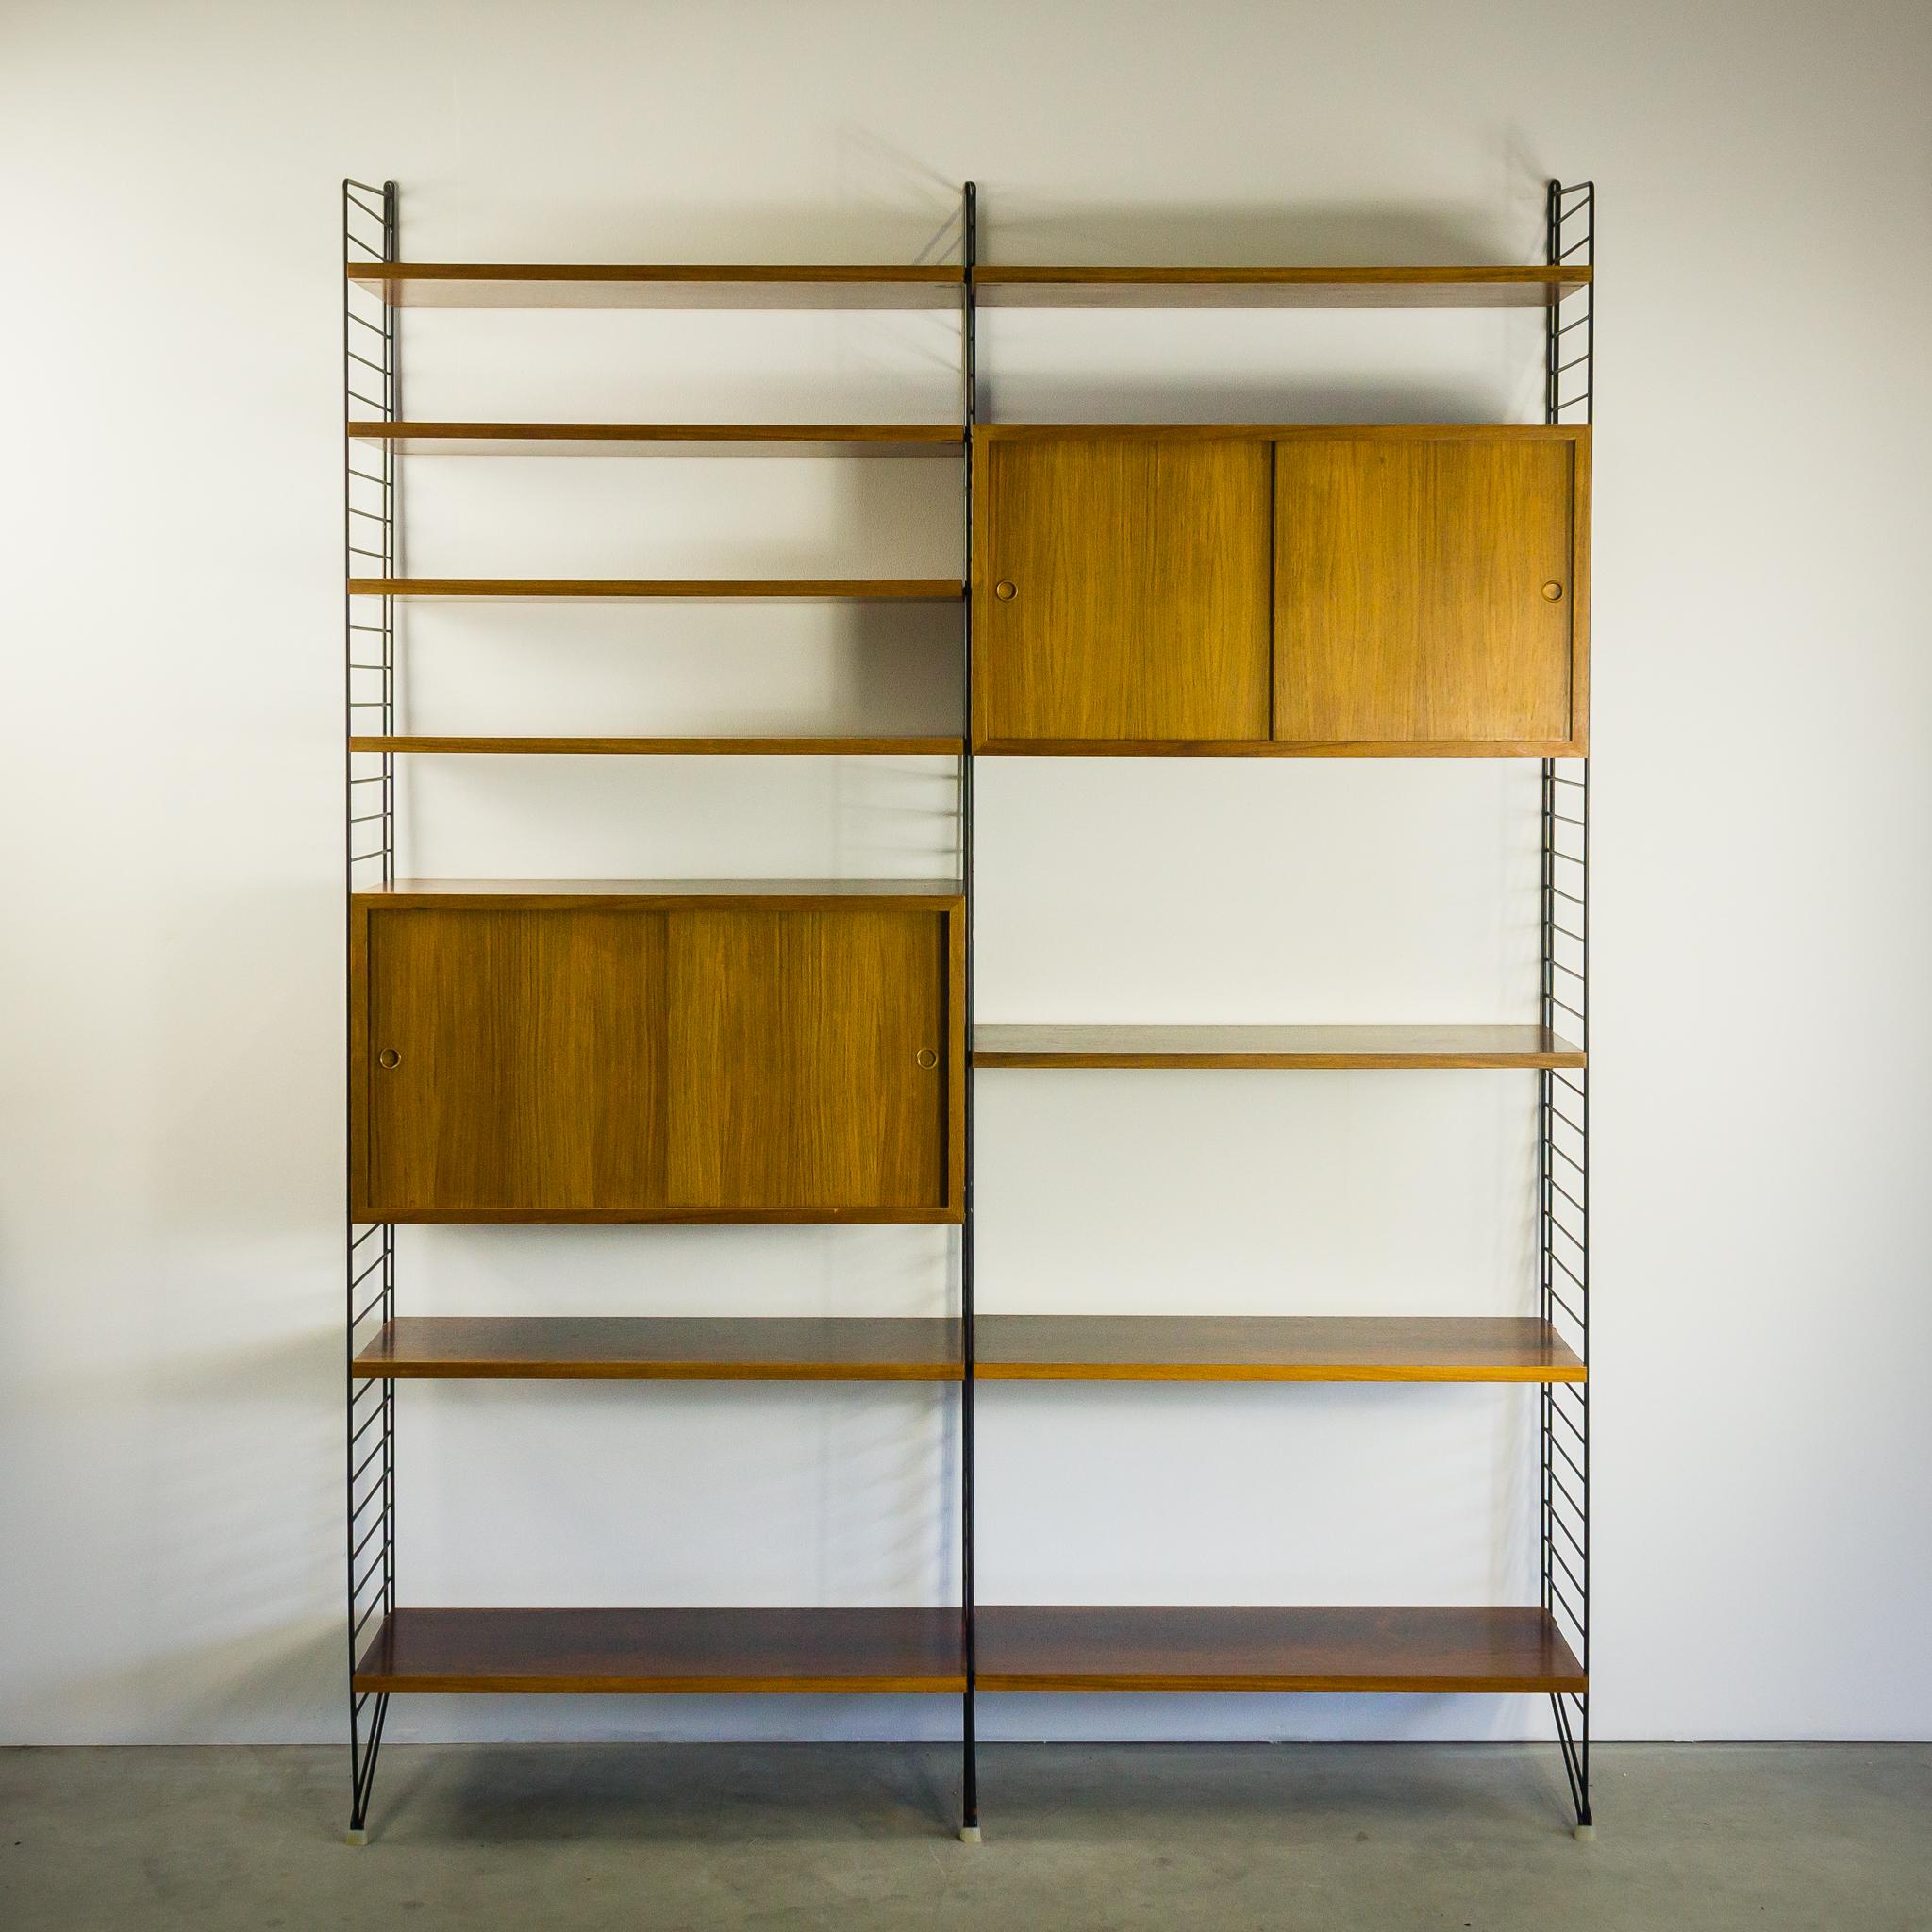 nisse string fabulous ulean backu adjustable shelving with nisse string finest wall unit teak. Black Bedroom Furniture Sets. Home Design Ideas